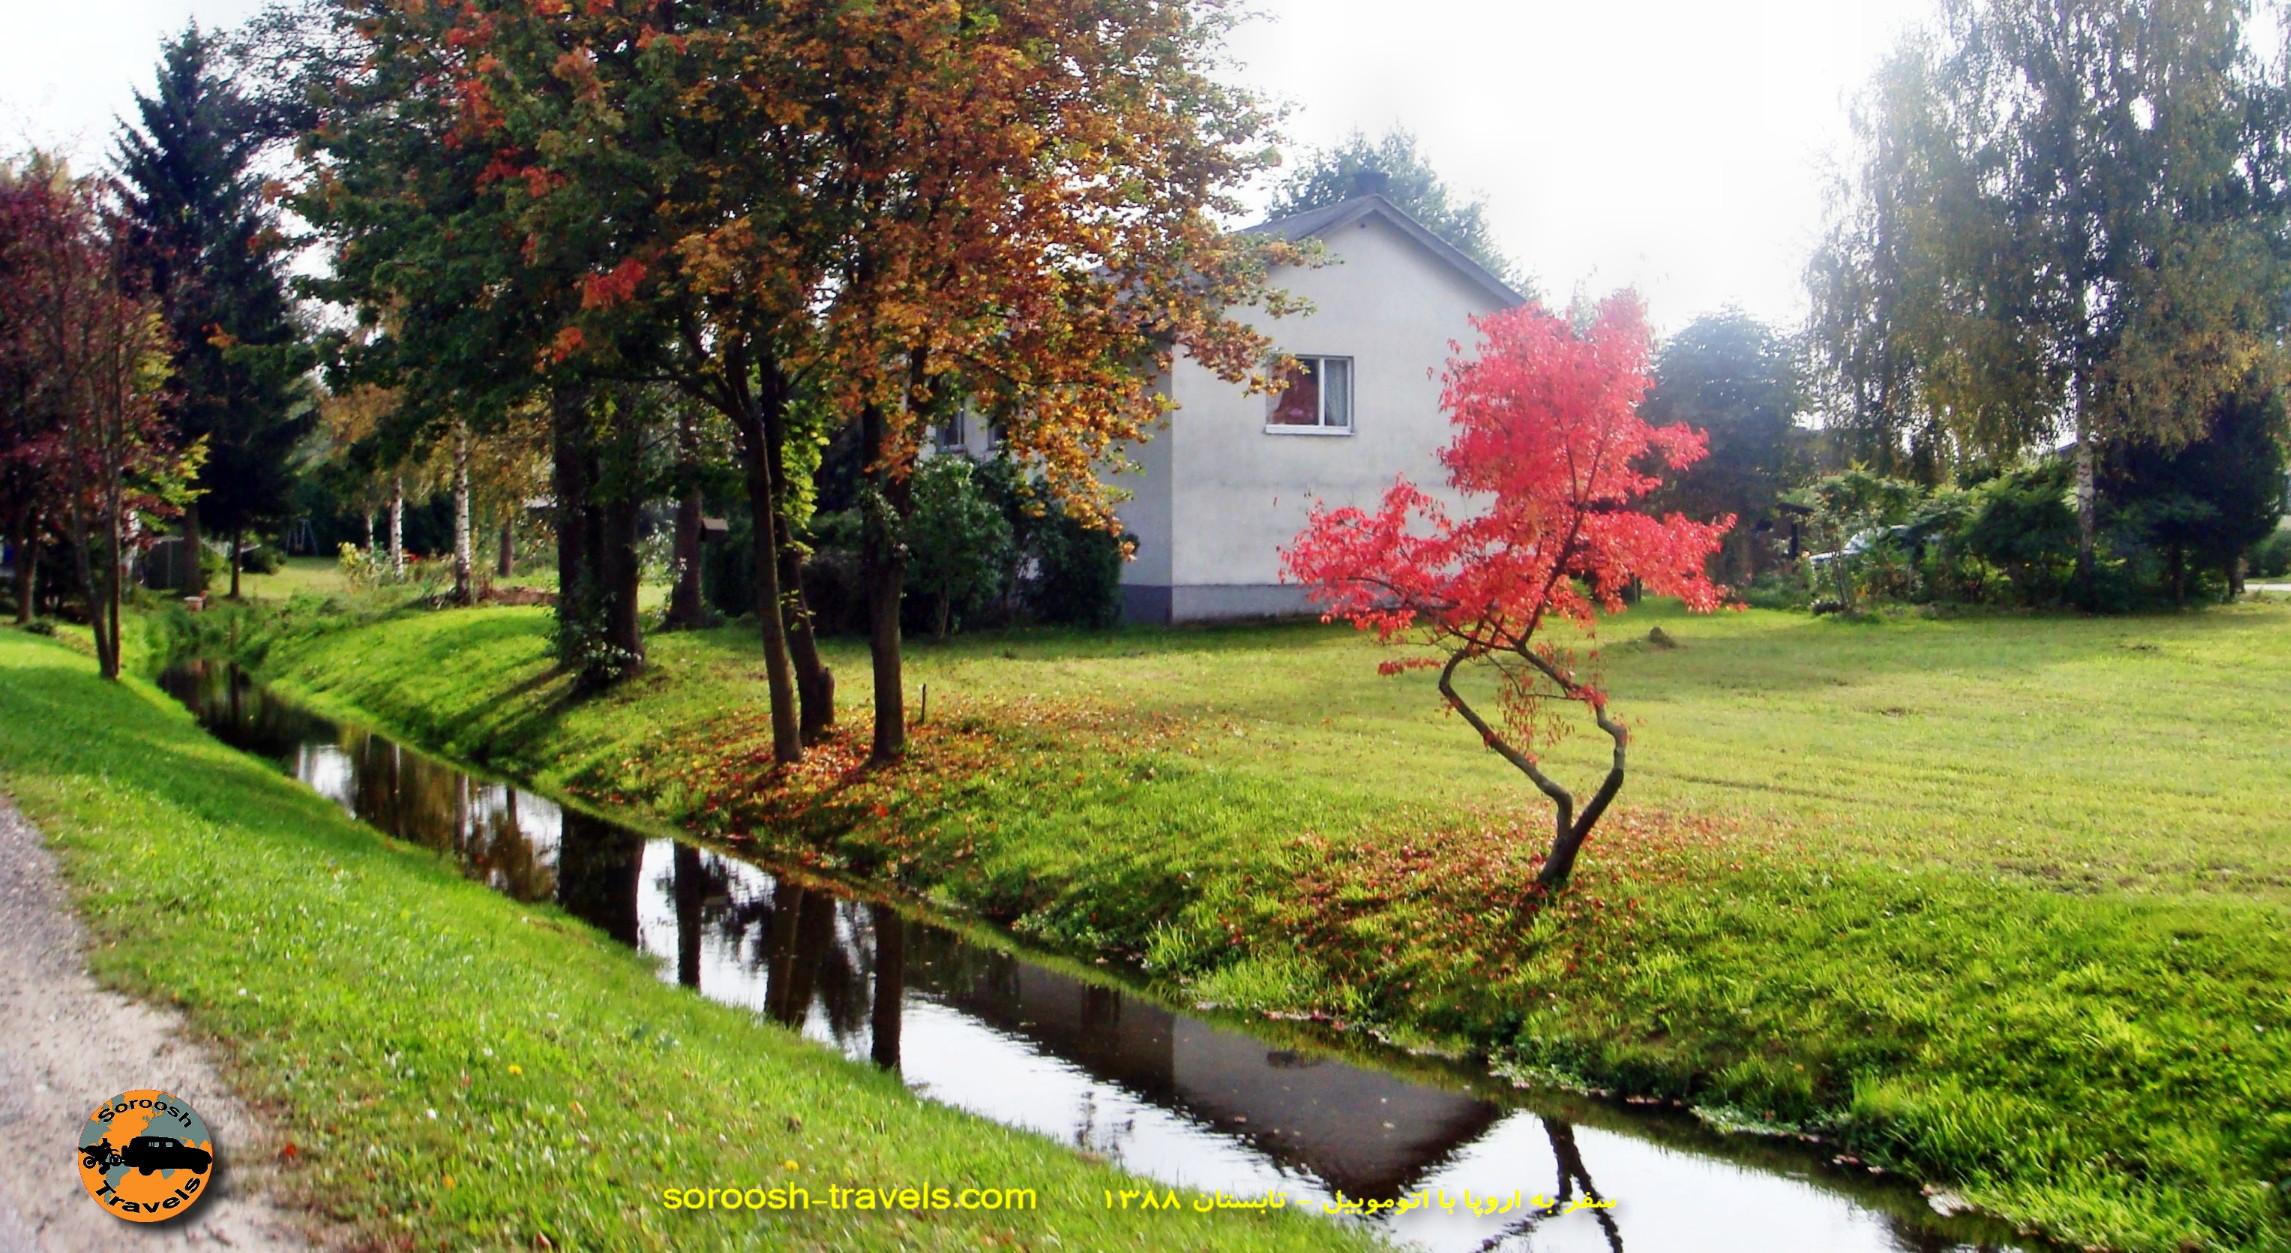 02-mehr-1388-24-september-2009-prague-in-czech-to-vienna-in-austria-7